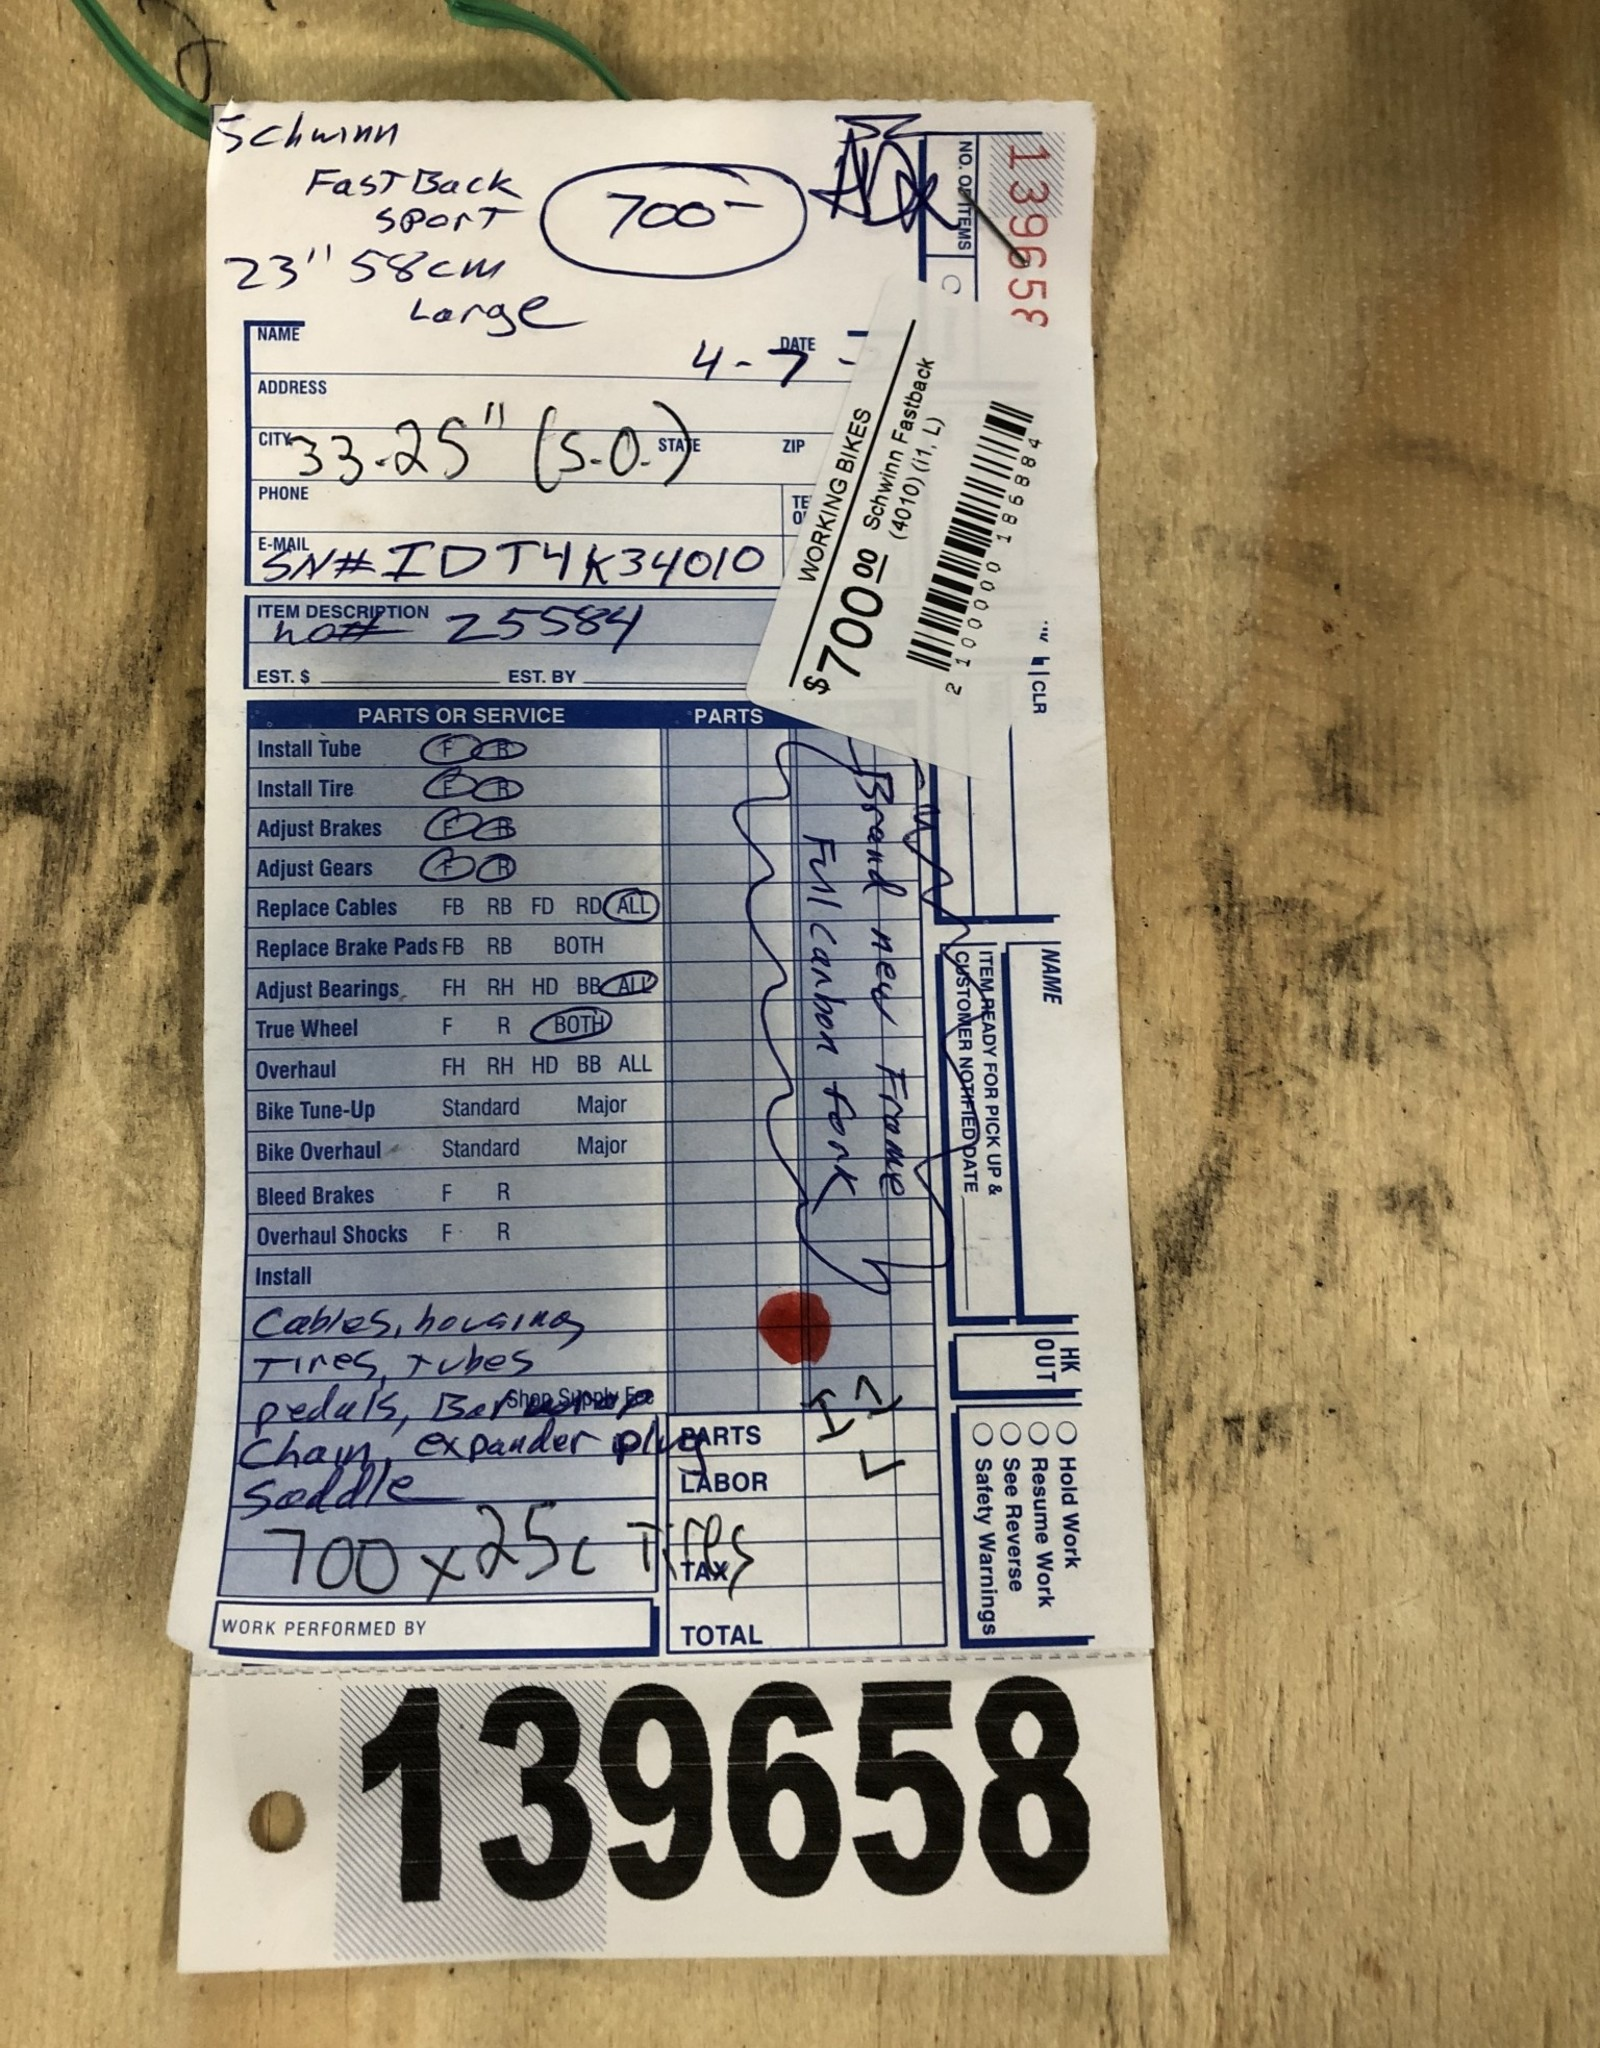 58cm Schwinn Fastback (4010) (i1, L)